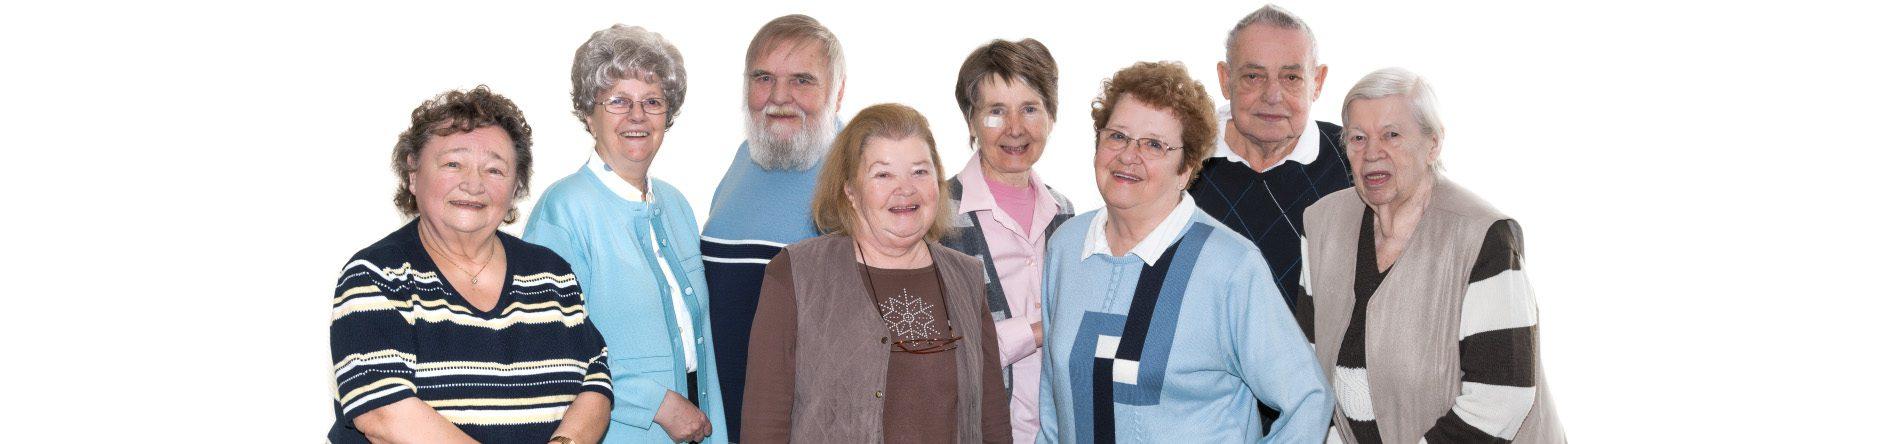 Wir gestalten die Freizeit von Senioren - Damit auch Sie aktiv mit Spaß & Freude am Leben teilhaben können!